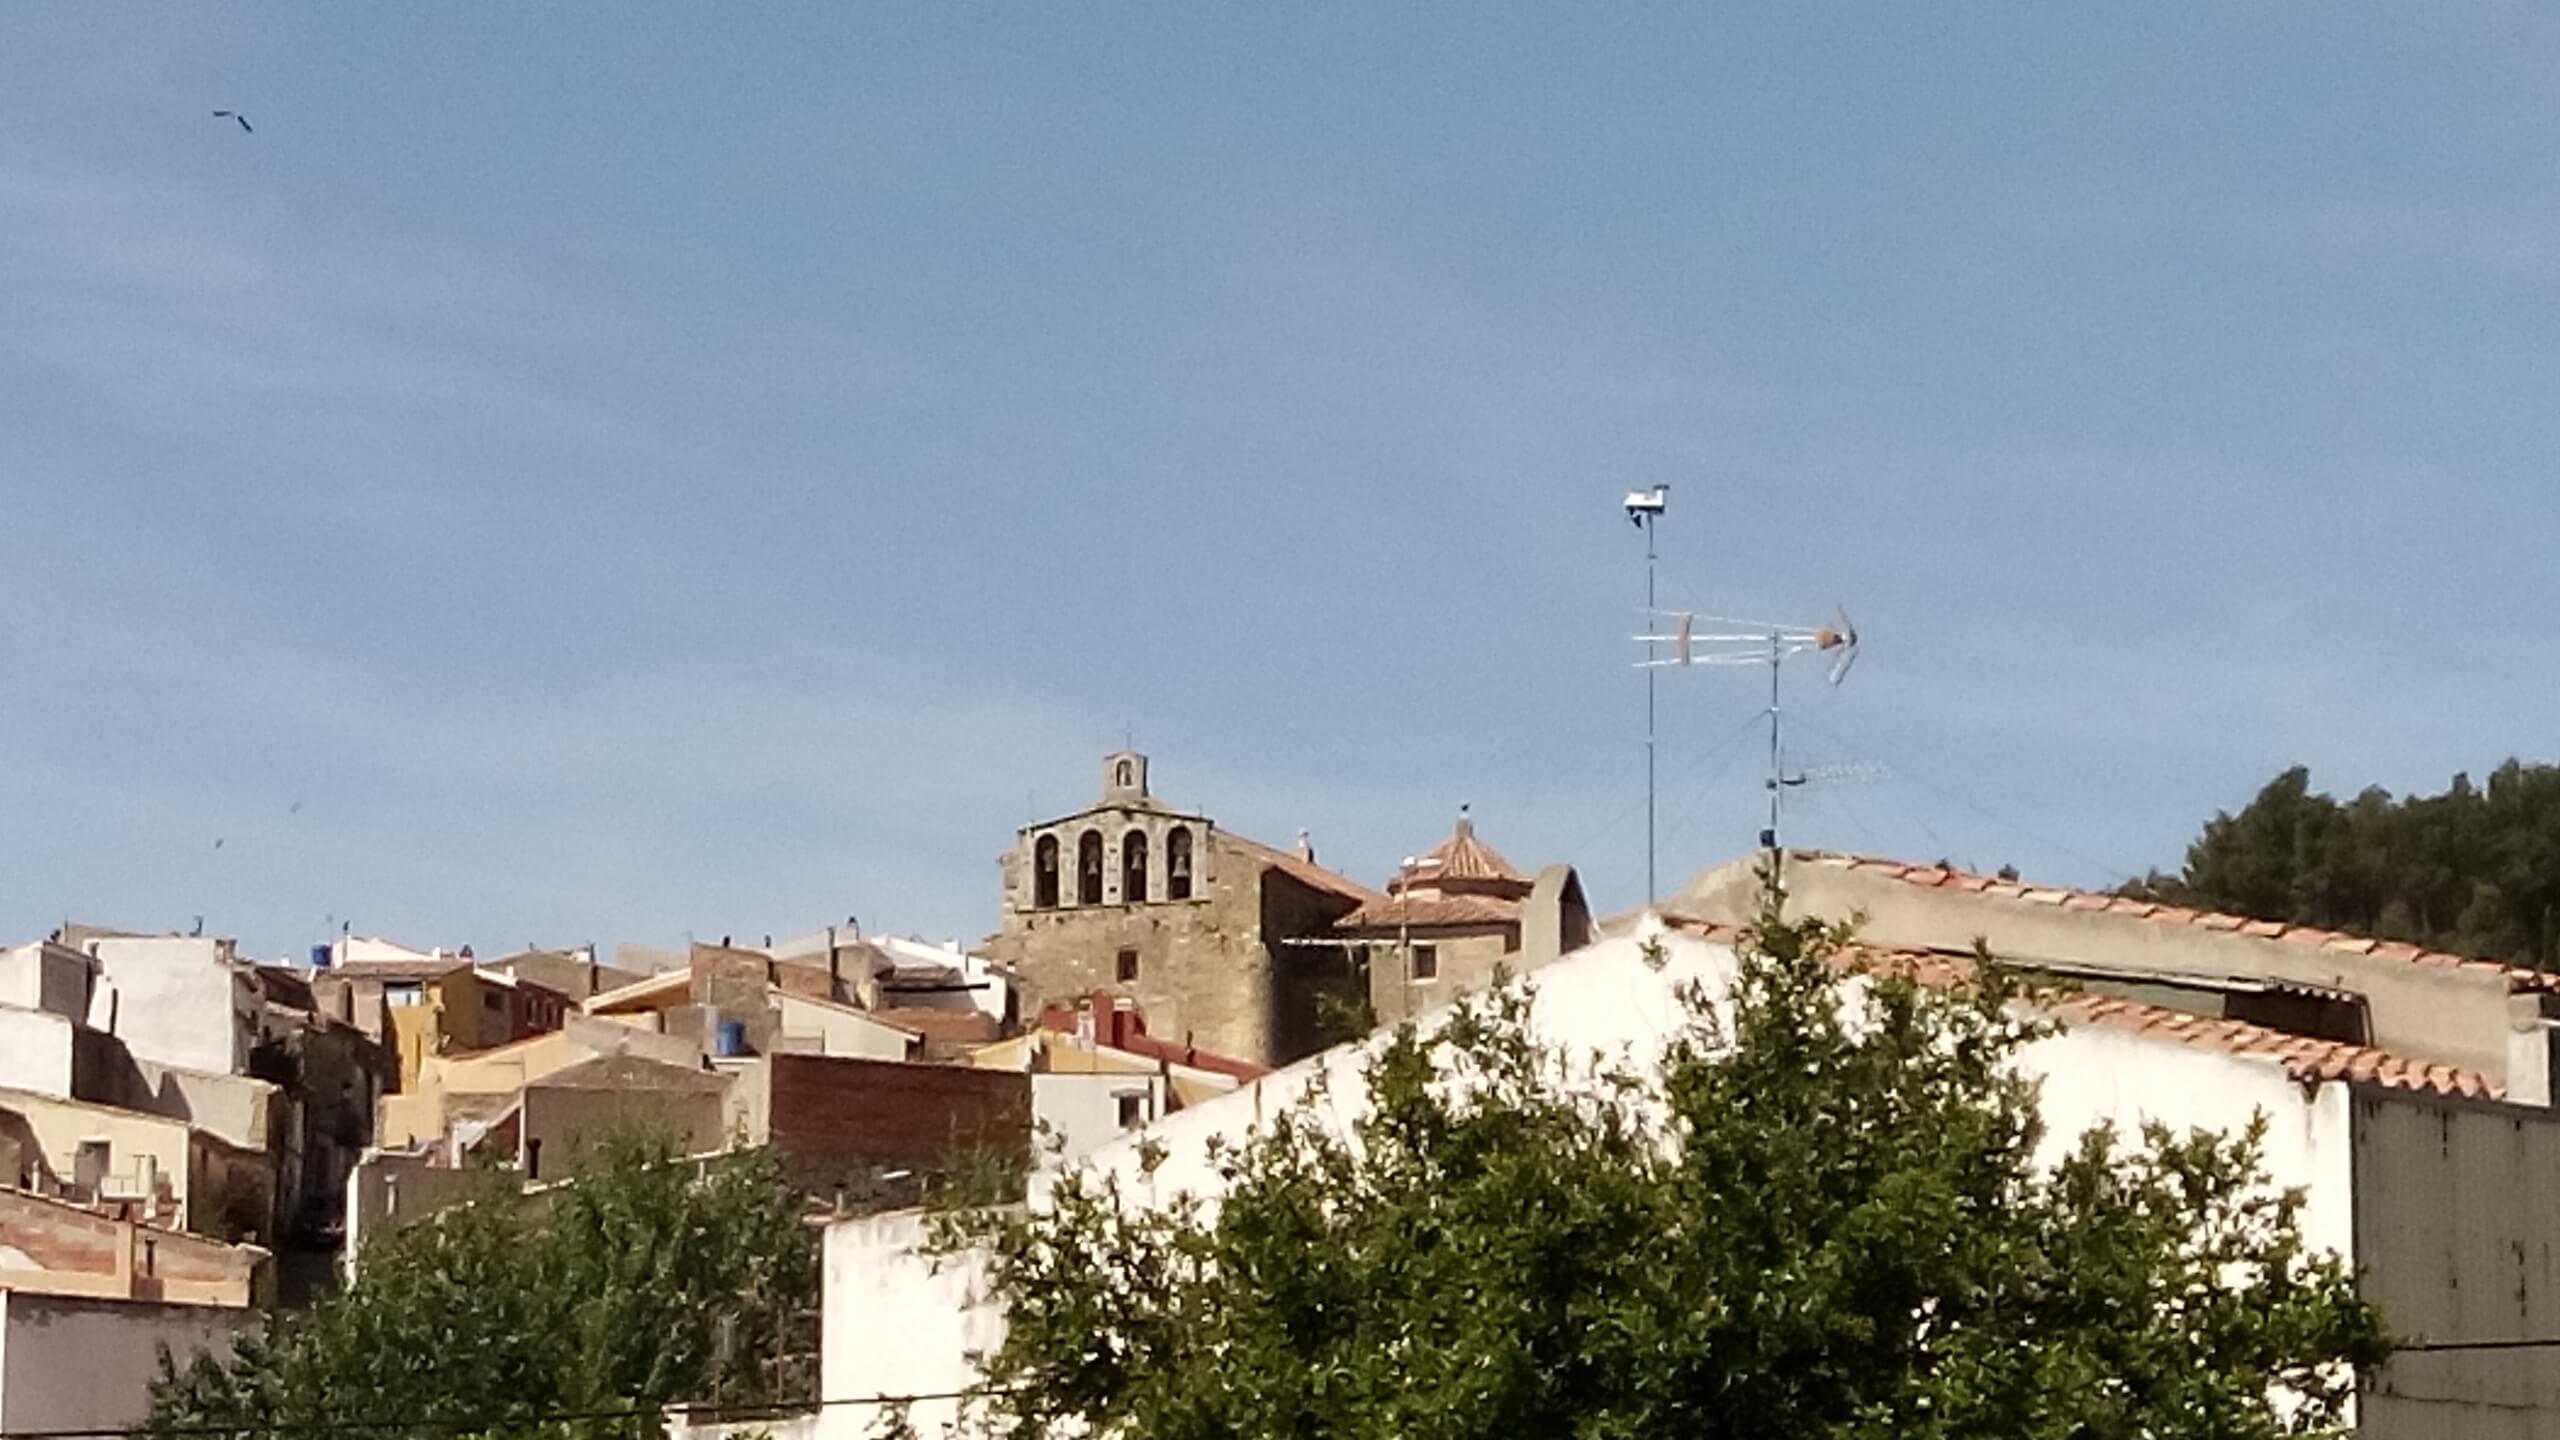 Vista estacion hacia el oeste, viendo detras el casco antiguo de la poblacion